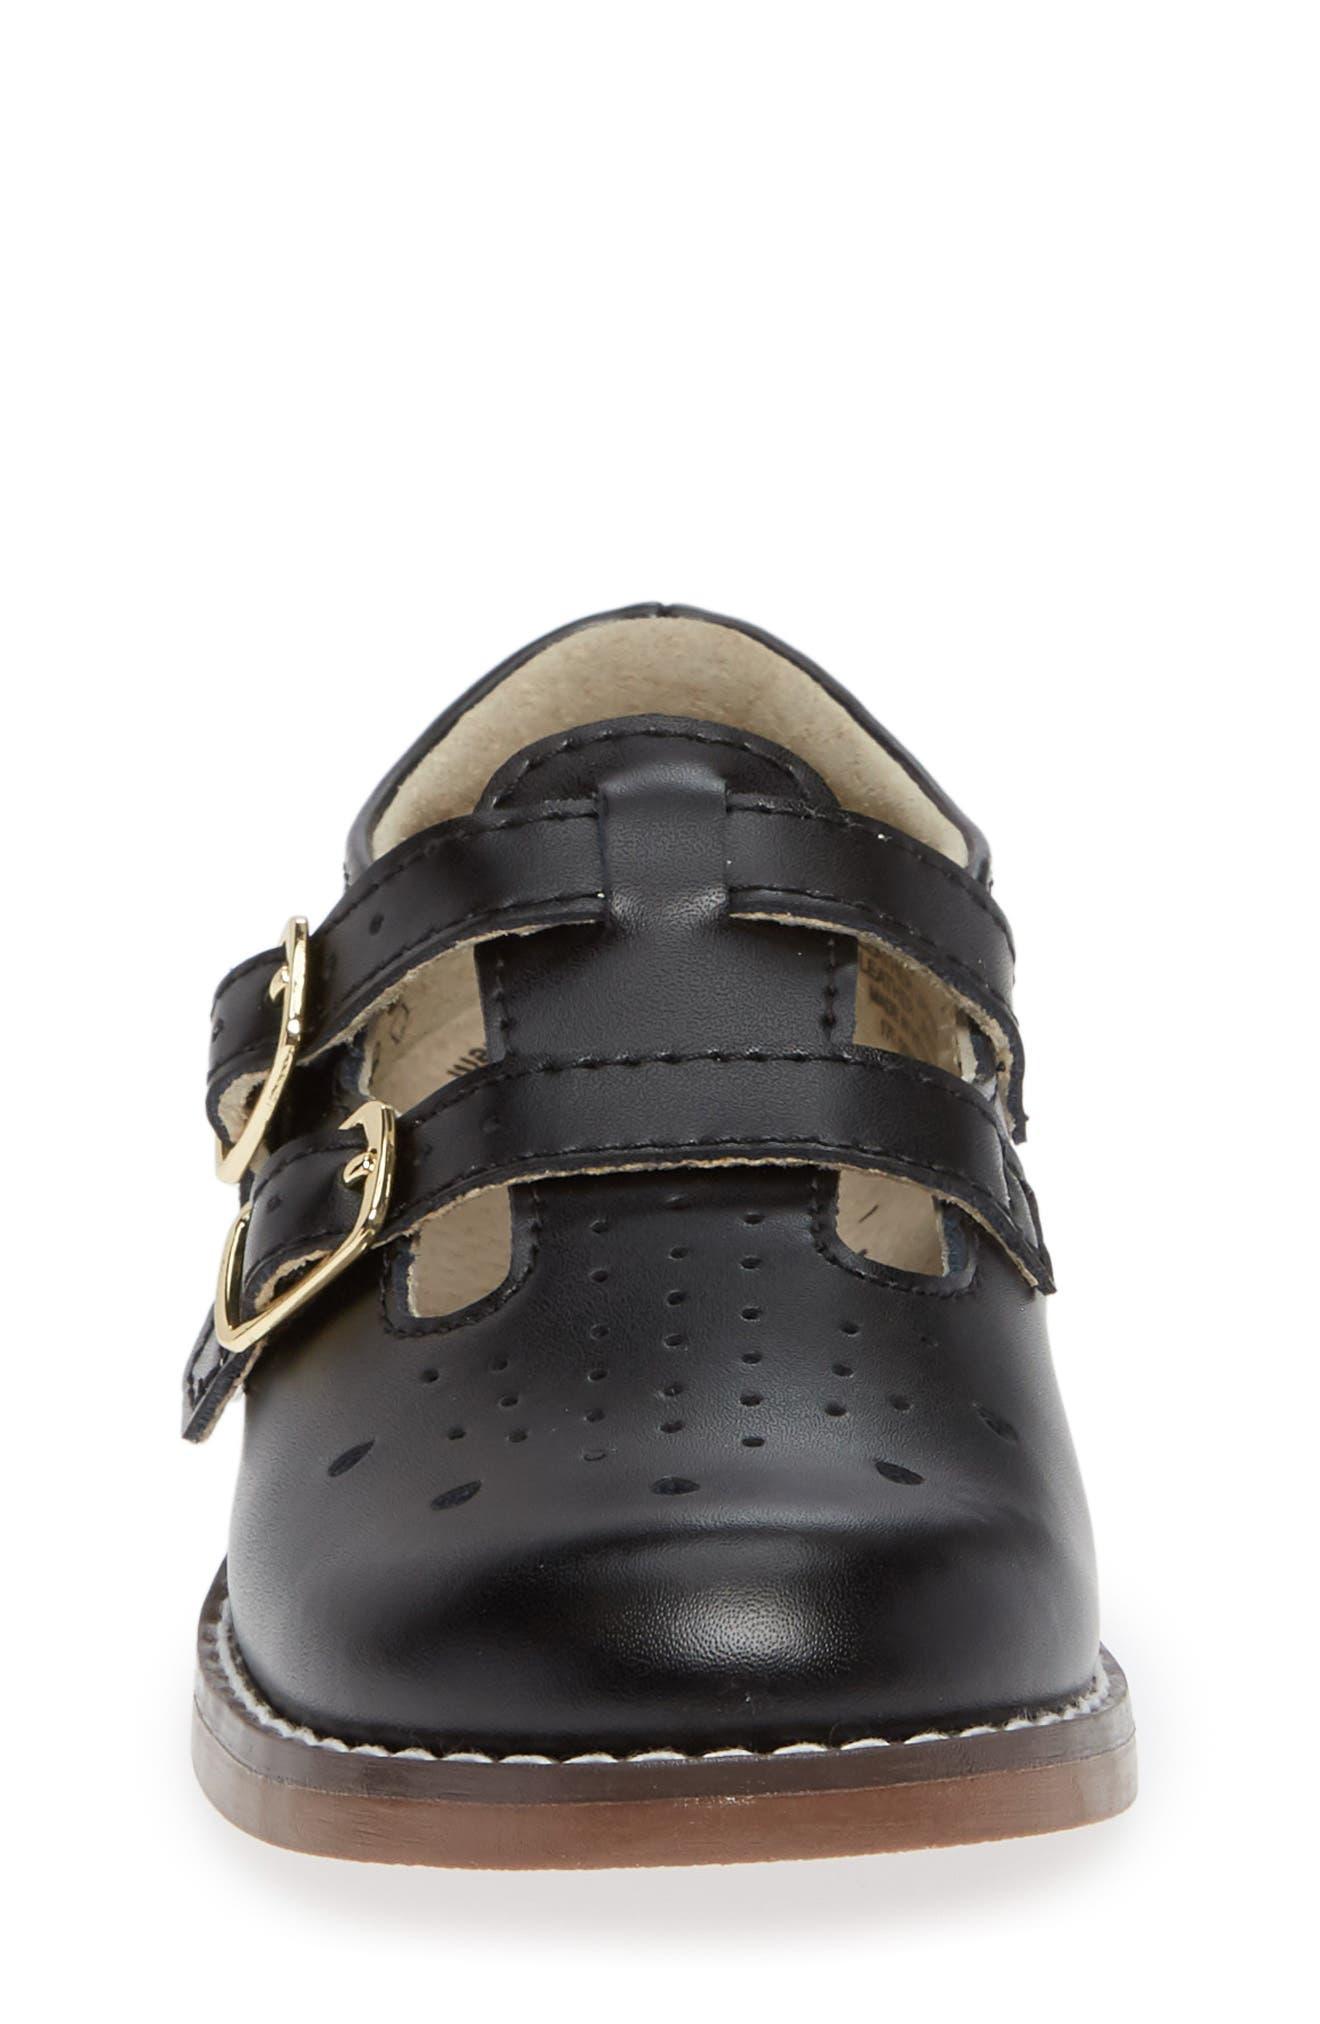 FOOTMATES,                             Danielle Double Strap Shoe,                             Alternate thumbnail 4, color,                             BLACK